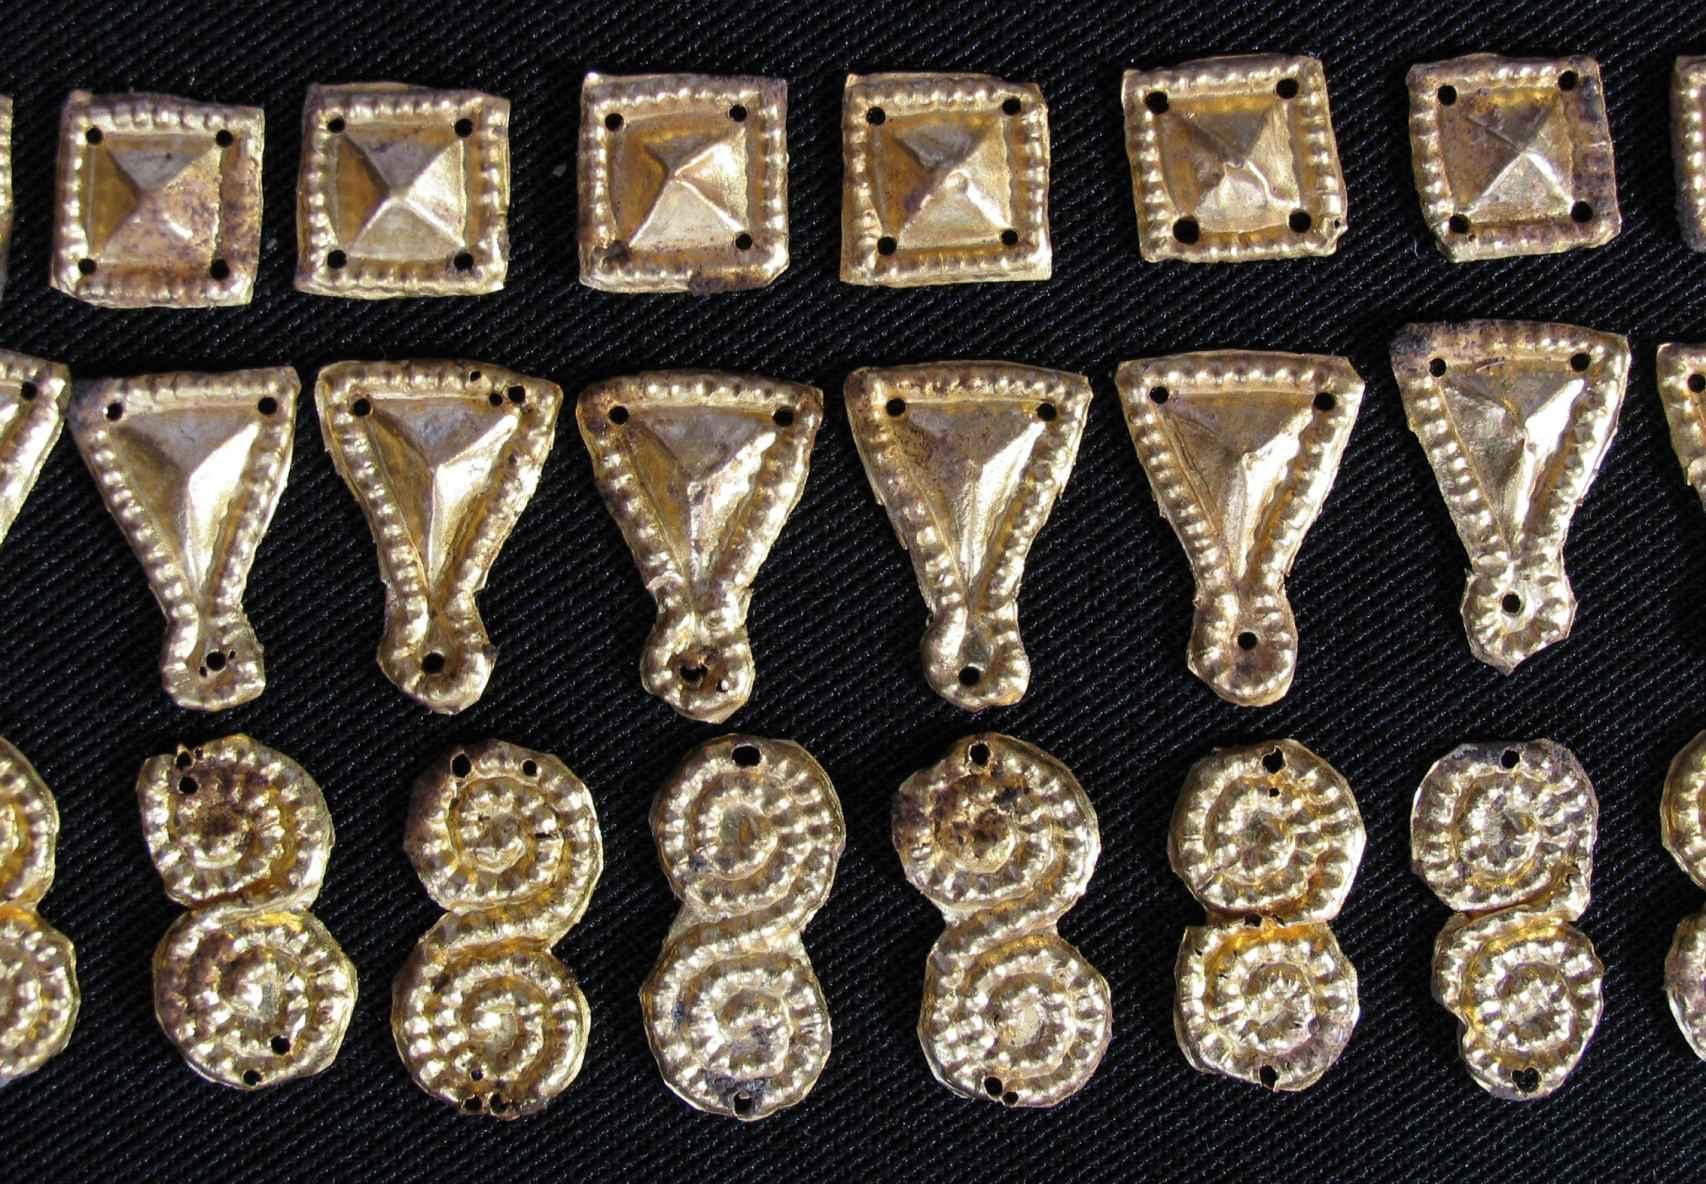 Joyas de oro orientales descubiertas en la necrópolis, sobre una de las princesas.